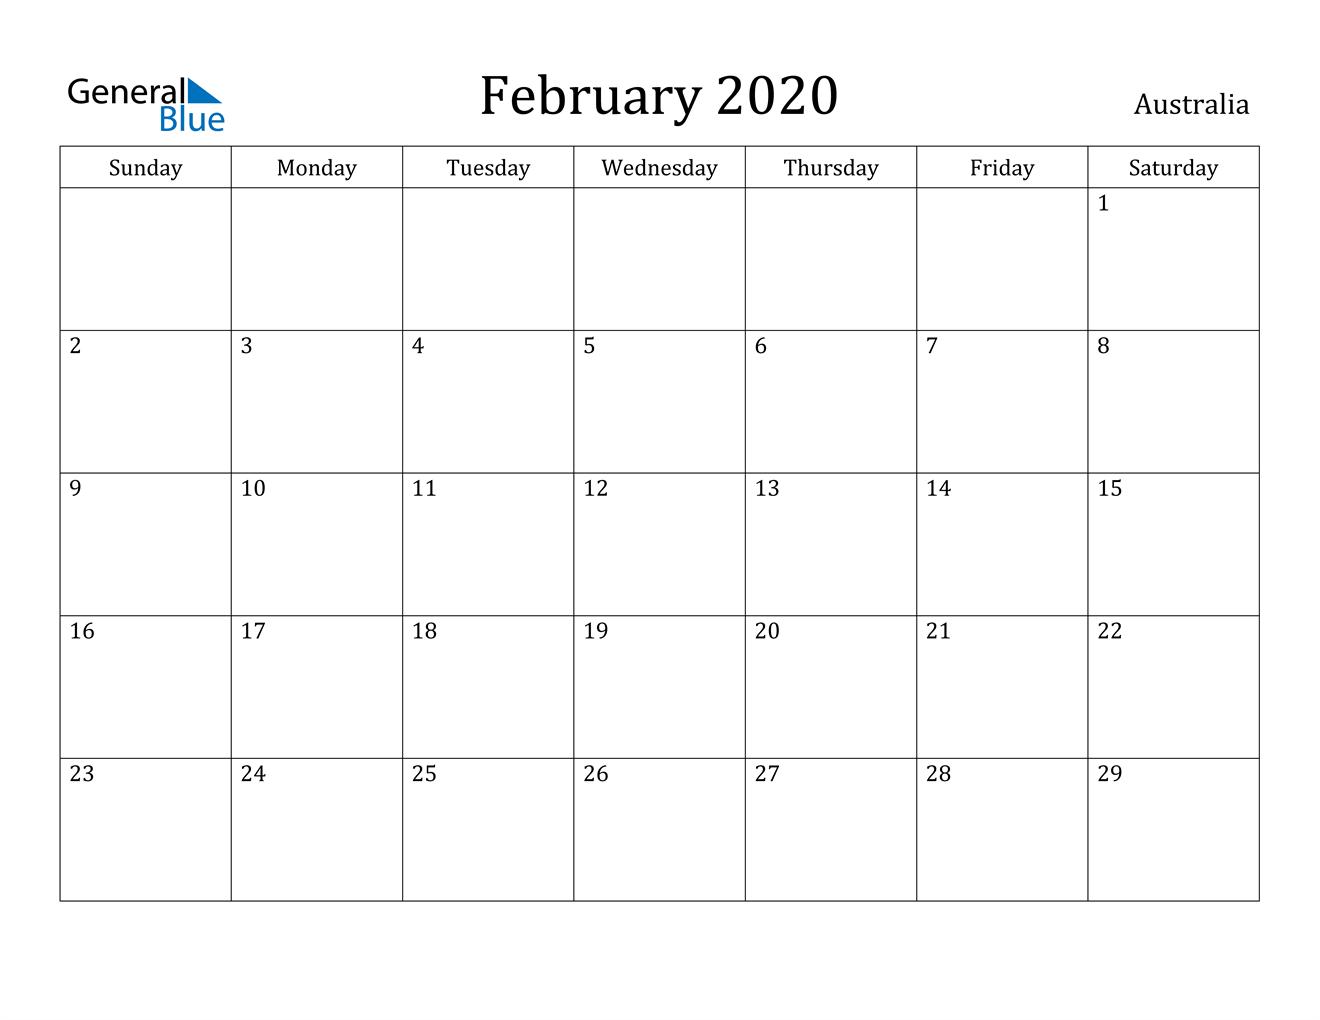 Image of February 2020 Australia Calendar with Holidays Calendar